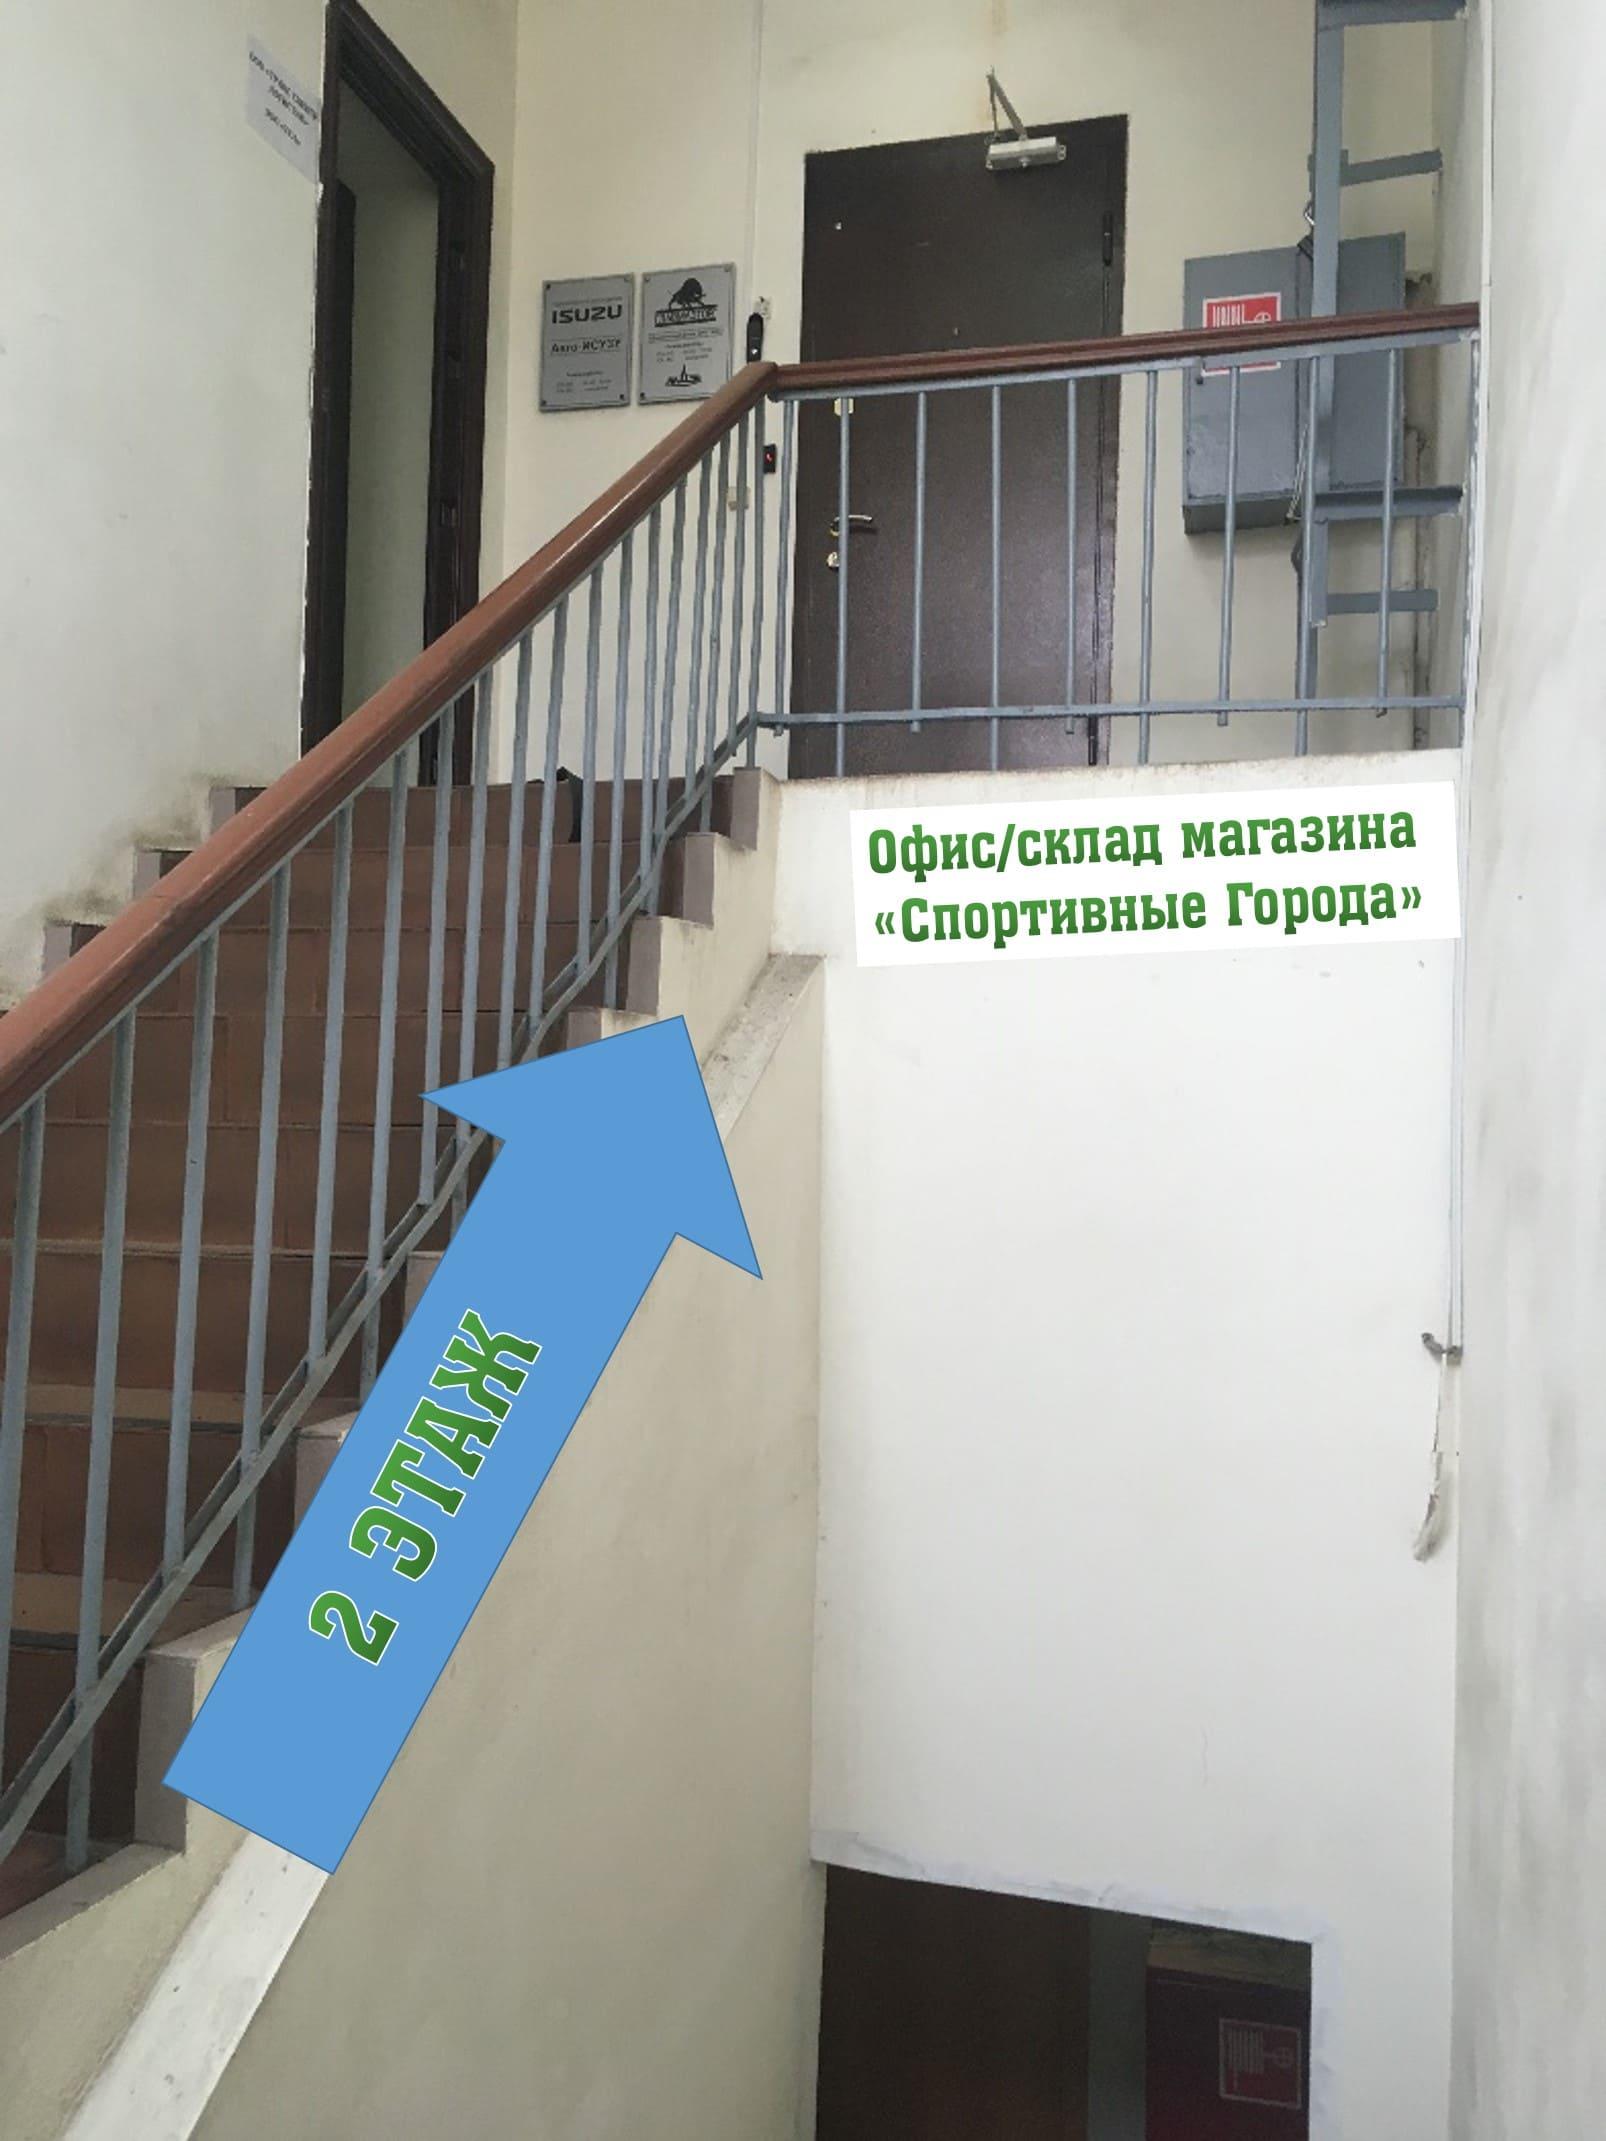 Офис склад магазина Спортивные Города фото №5